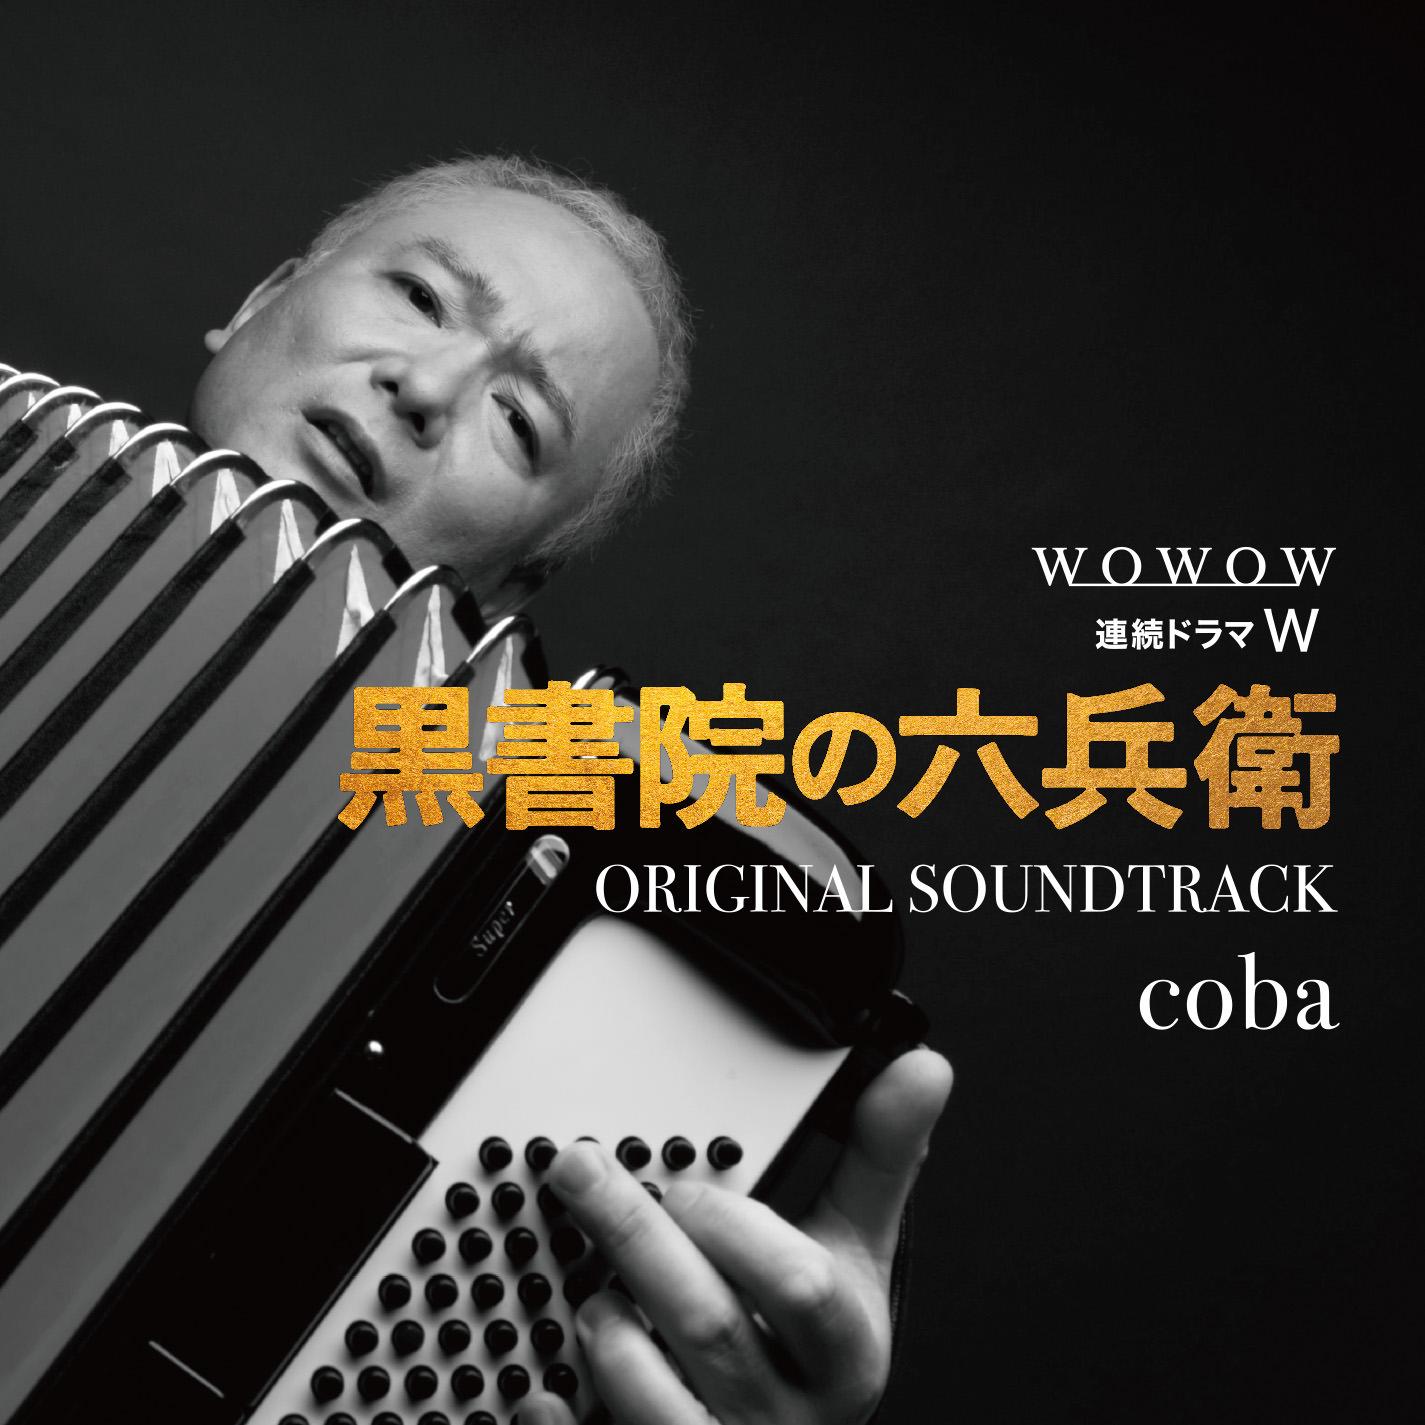 「黒書院の六兵衛」 オリジナル・サウンドトラック